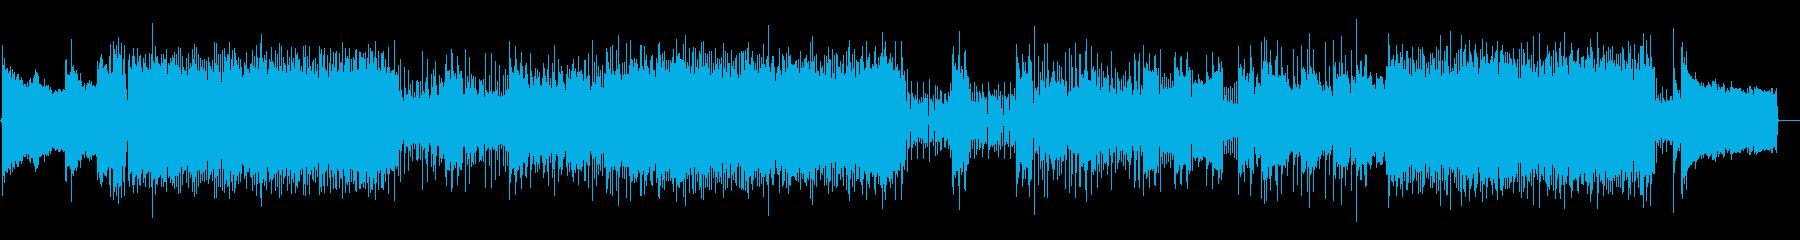 Duelist バンドサウンド版の再生済みの波形